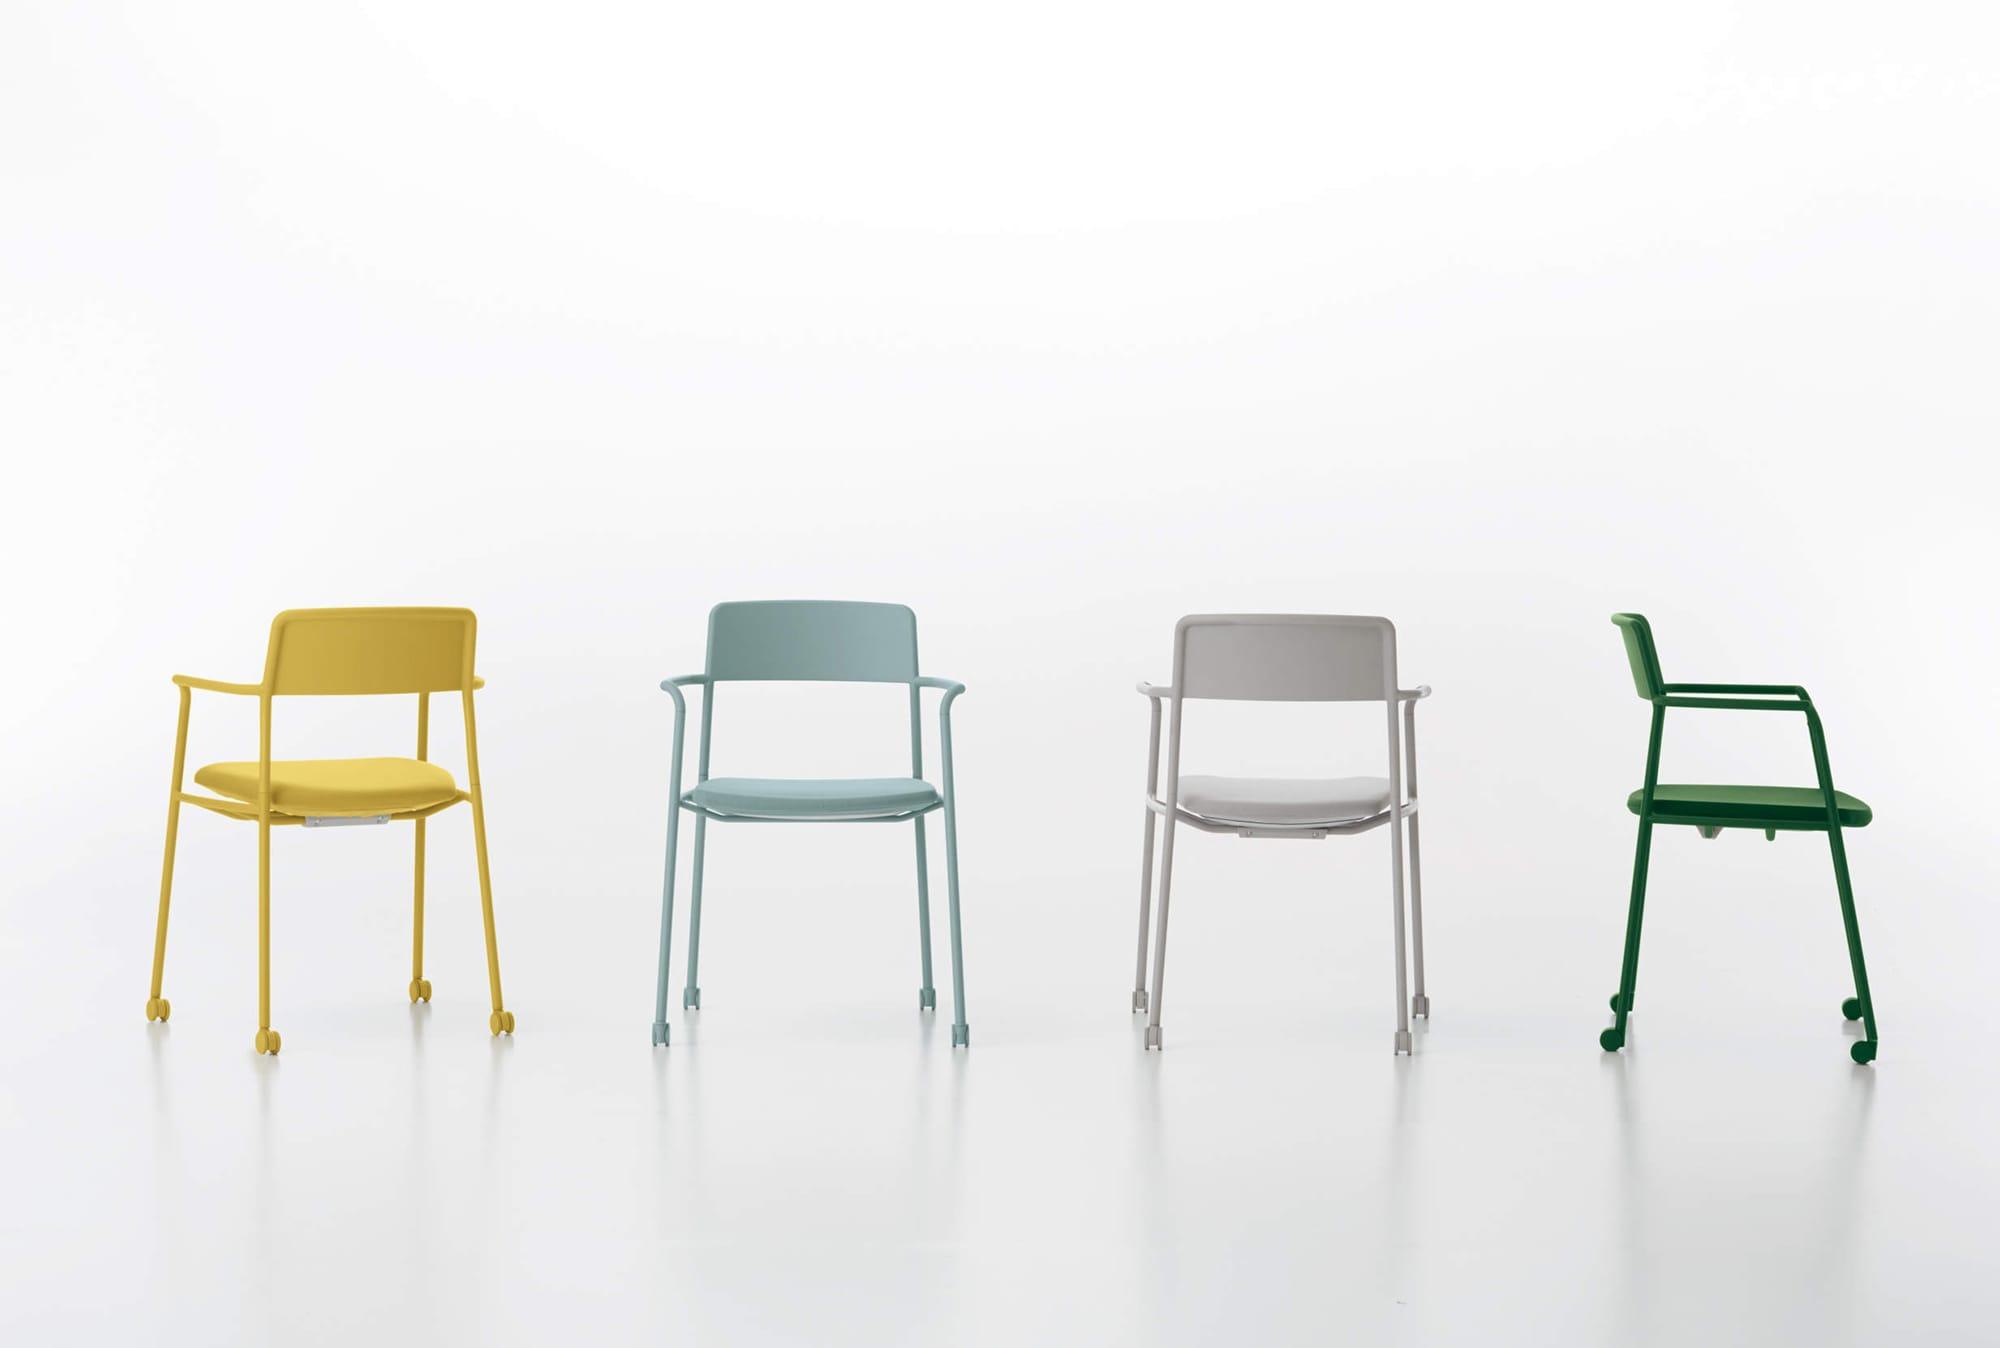 会議室用イス「Any(エニー)」。キャスターまで同色でそろえ、パステルカラーが映えるシンプルなデザイン。